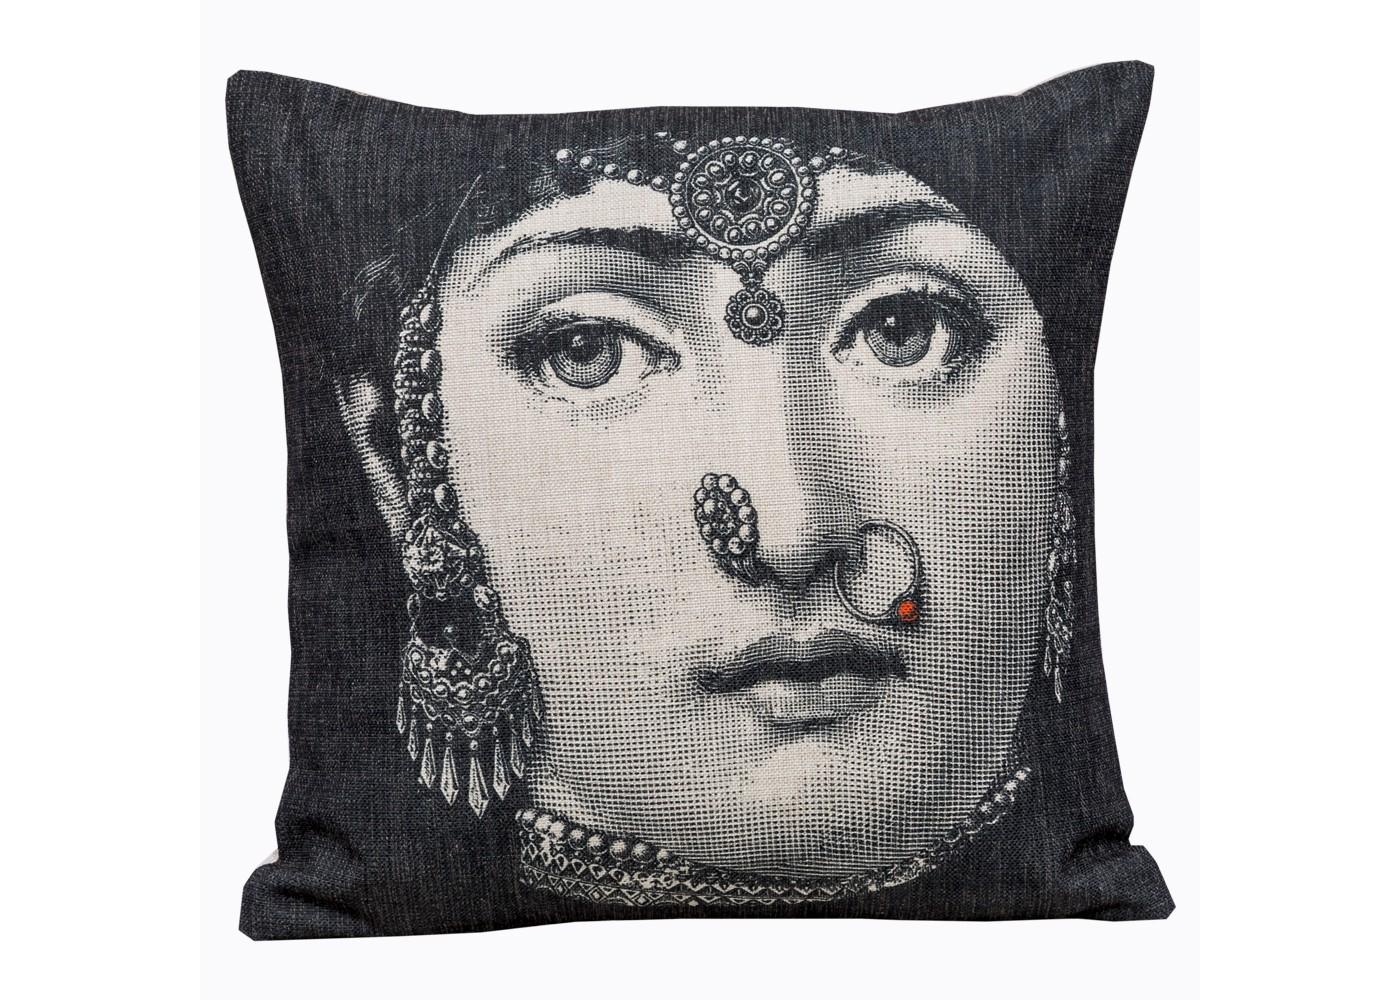 Арт-подушка Лина, версия ИндияКвадратные подушки и наволочки<br>Если рассматривать прямую функцию подушки, то загадочный портрет &amp;quot;Индия&amp;quot; готов стать для Вас лучшим дизайнером прекрасных снов. Шелковистая натуральная ткань, воздушный наполнитель, магнетичный рисунок, - декоративные подушки &amp;quot;Объекта мечты&amp;quot; откликаются на любые условия эргономичного отдыха, столь желанного Вам и Вашему убранству.&amp;lt;div&amp;gt;&amp;lt;br&amp;gt;&amp;lt;/div&amp;gt;&amp;lt;div&amp;gt;&amp;lt;br&amp;gt;&amp;lt;/div&amp;gt;&amp;lt;iframe width=&amp;quot;530&amp;quot; height=&amp;quot;315&amp;quot; src=&amp;quot;https://www.youtube.com/embed/MqeeEoEbmPE&amp;quot; frameborder=&amp;quot;0&amp;quot; allowfullscreen=&amp;quot;&amp;quot;&amp;gt;&amp;lt;/iframe&amp;gt;<br><br>Material: Текстиль<br>Ширина см: 45.0<br>Высота см: 15.0<br>Глубина см: 15